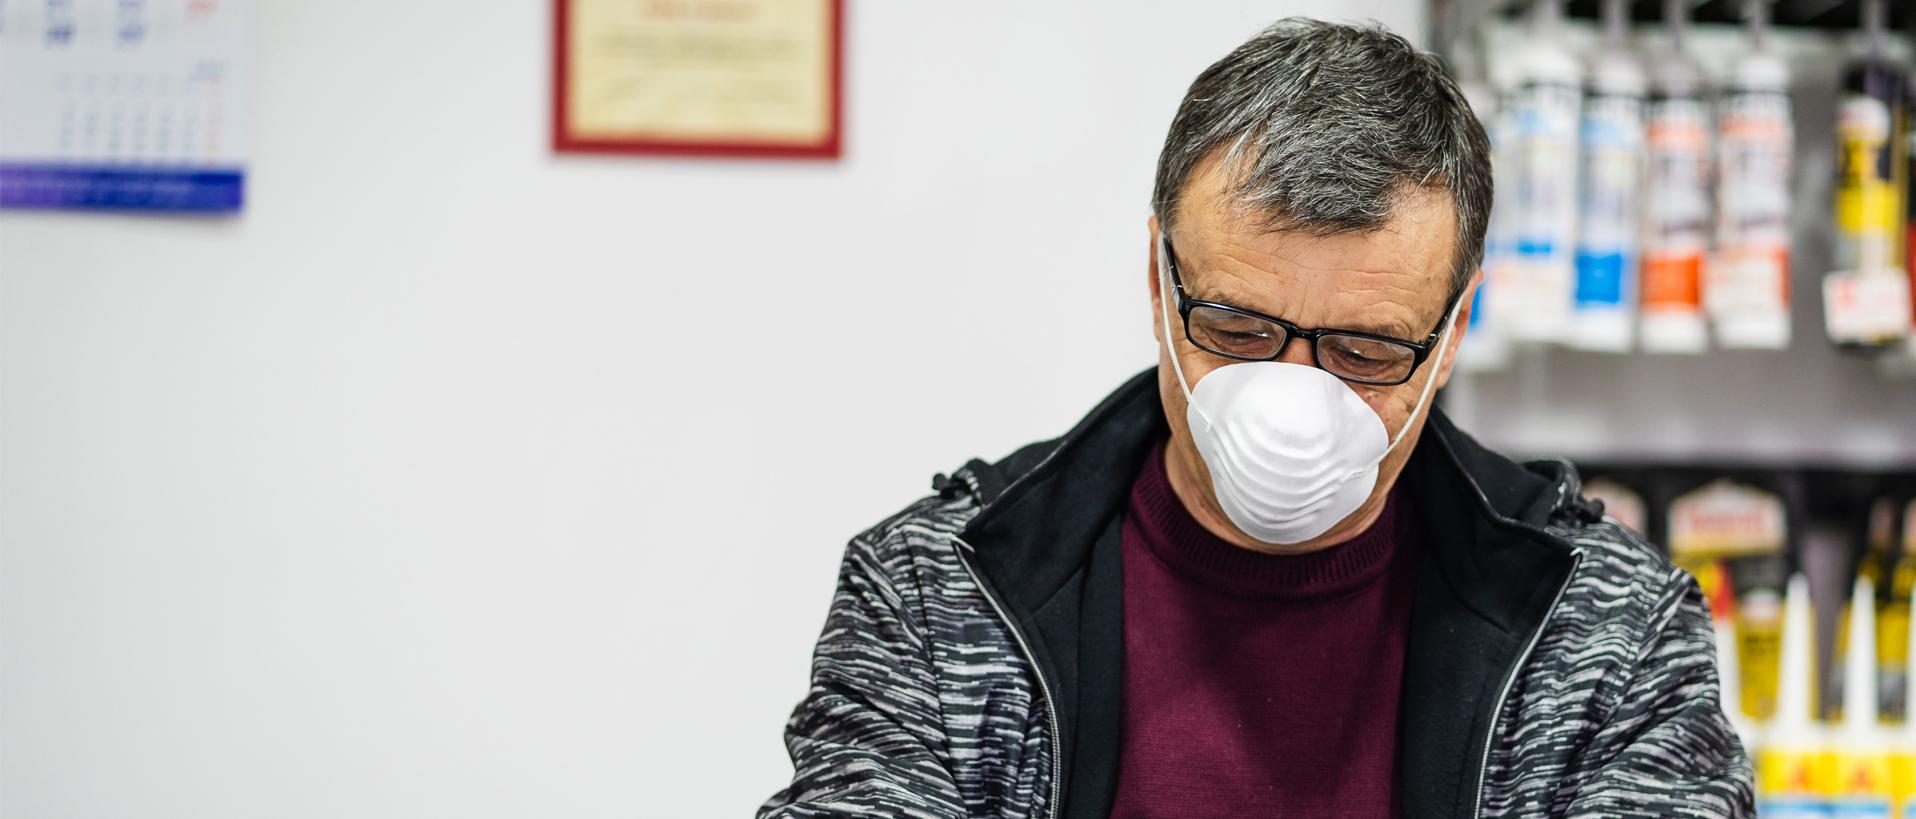 Ein Mann mit Atemmaske bei der Arbeit